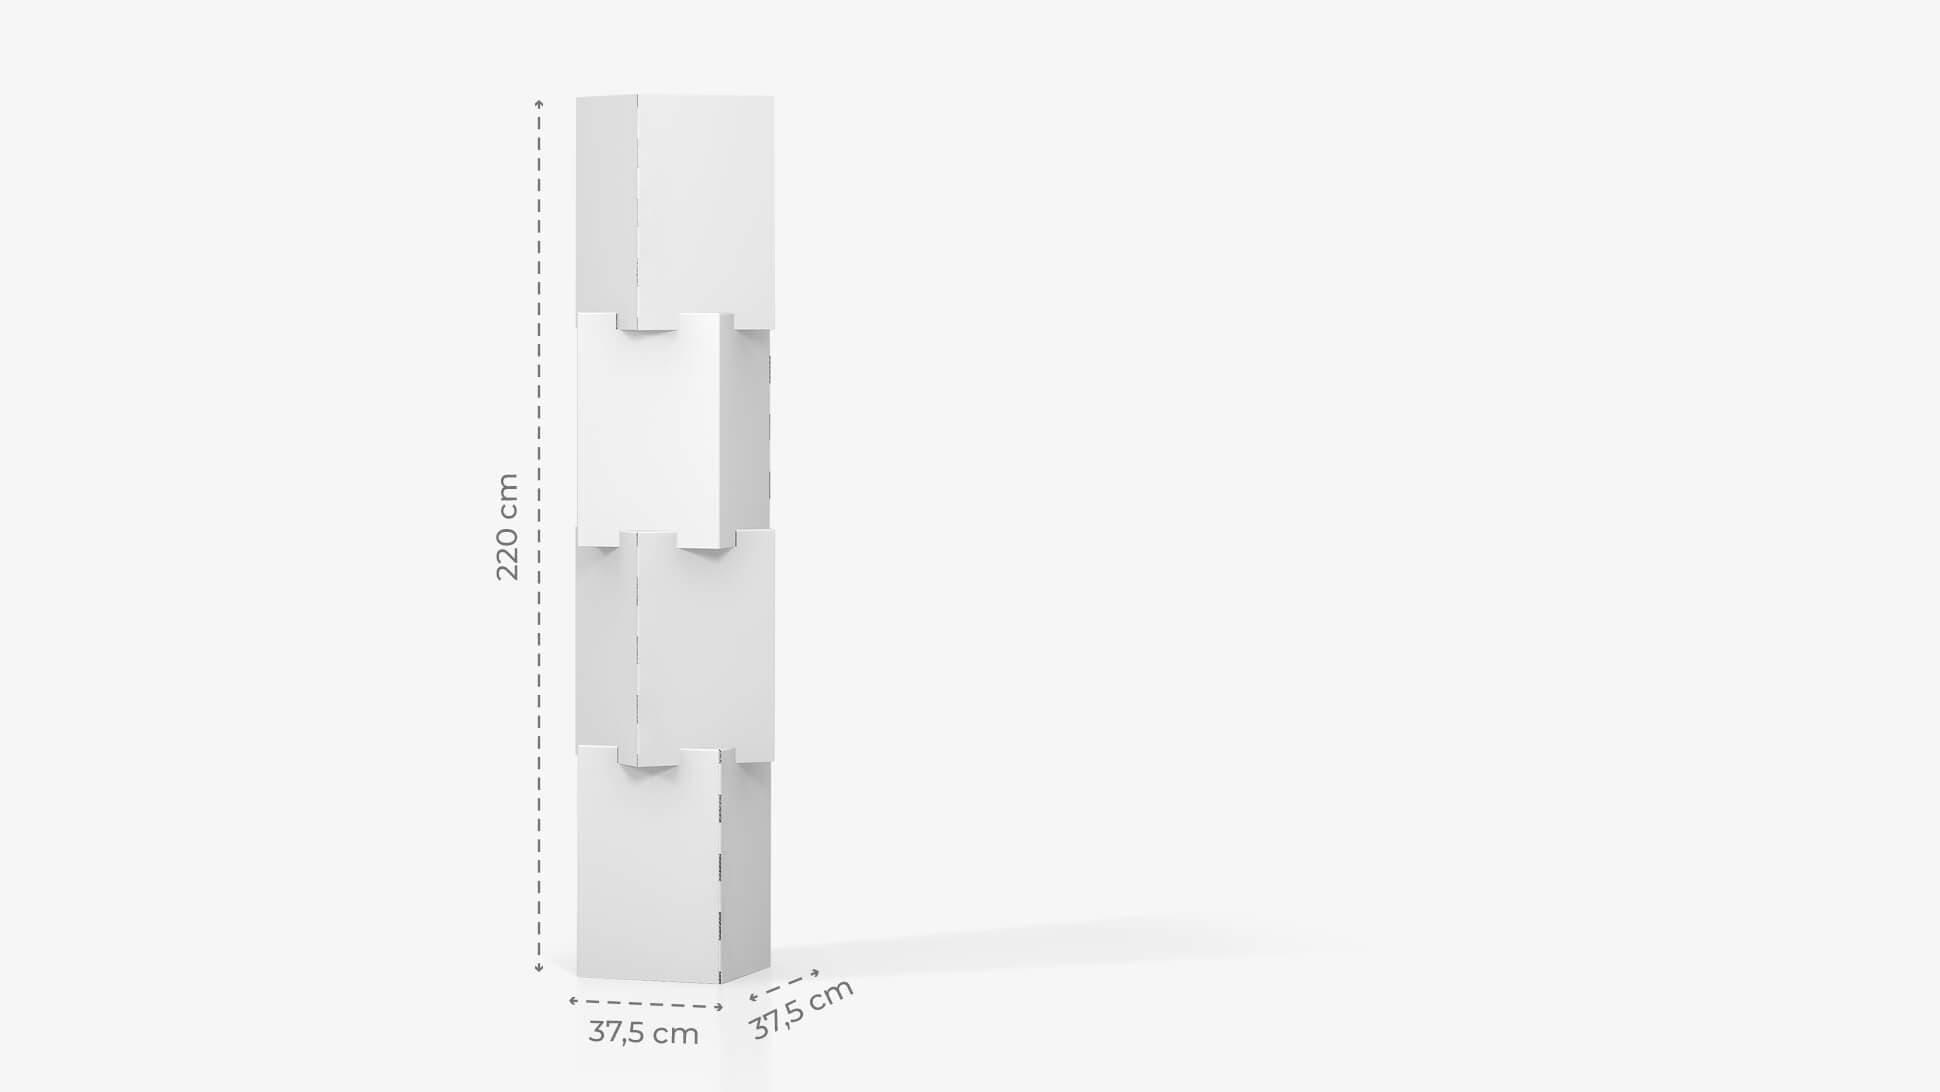 Espositore personalizzabile con 4 cubi sovrapposti h220 cm | tictac.it